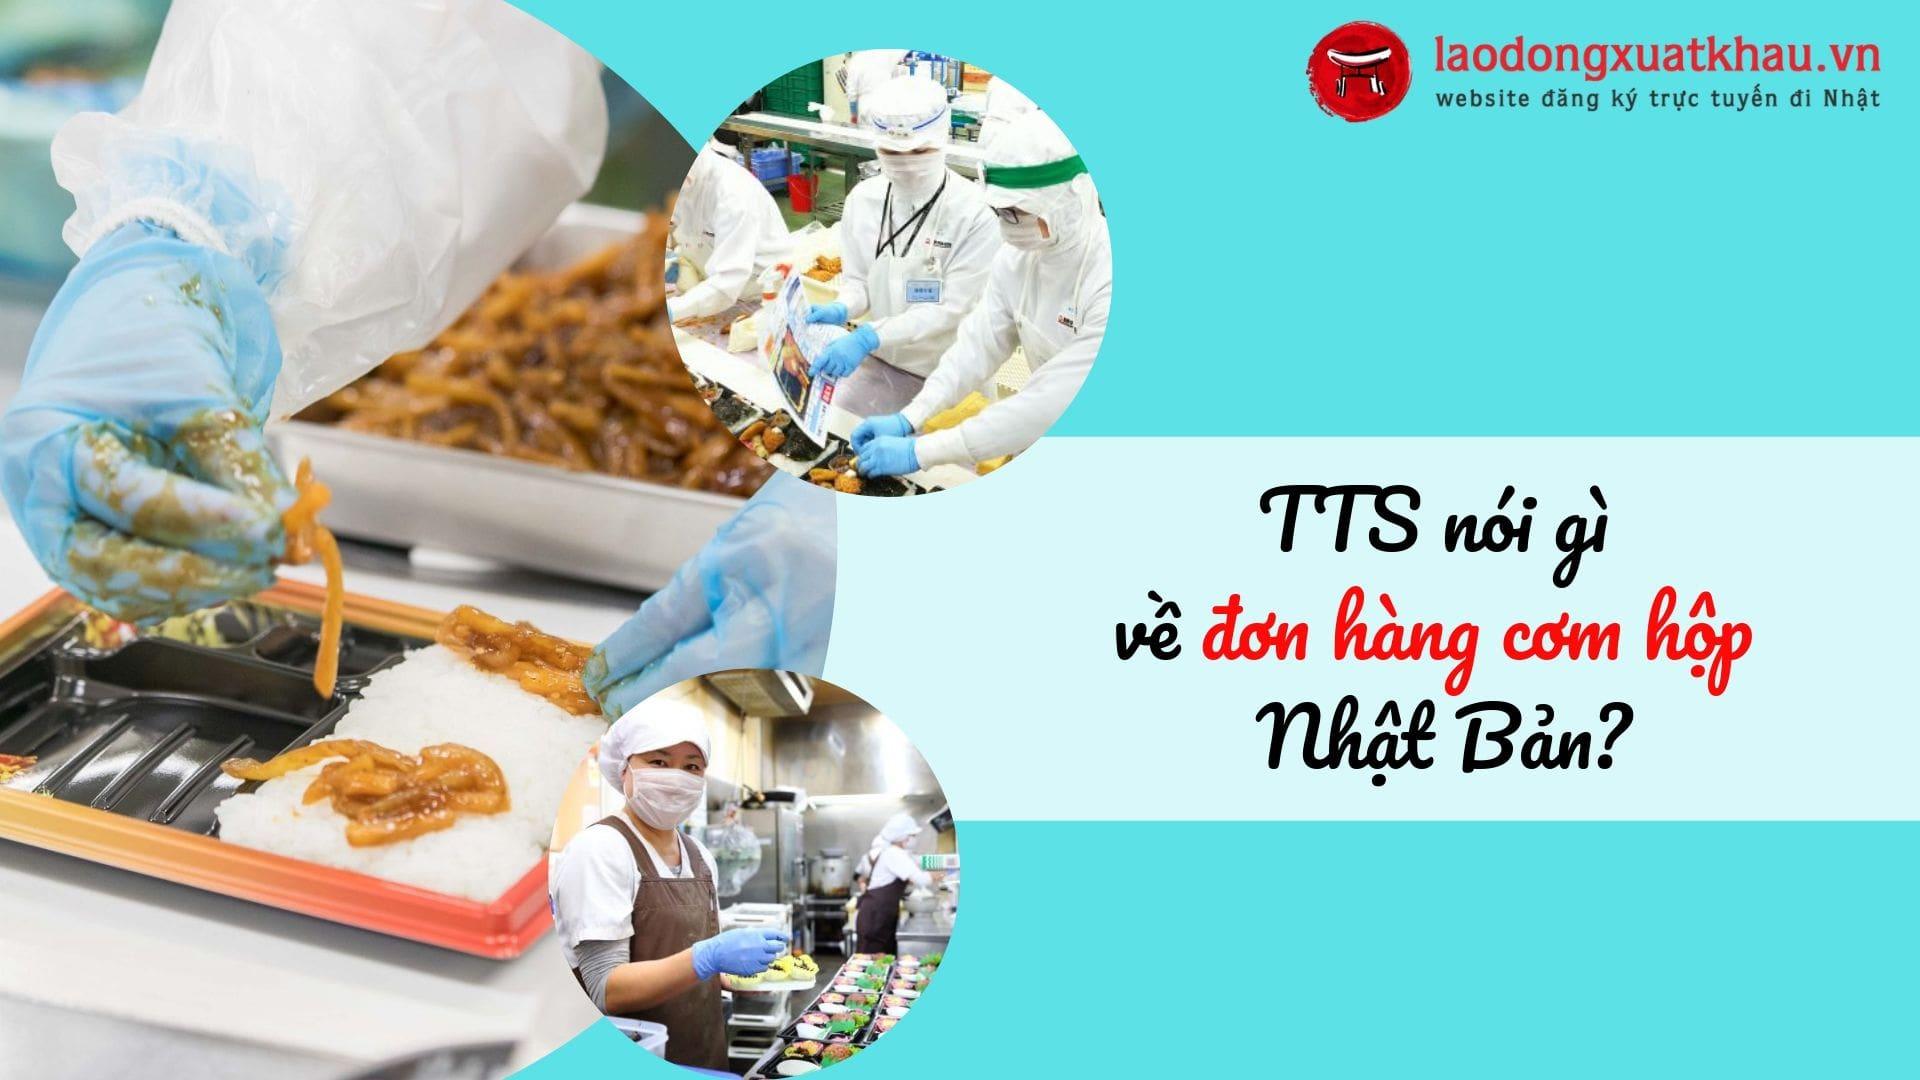 Tìm hiểu một ngày làm việc thực tế của TTS đơn hàng cơm hộp Nhật Bản